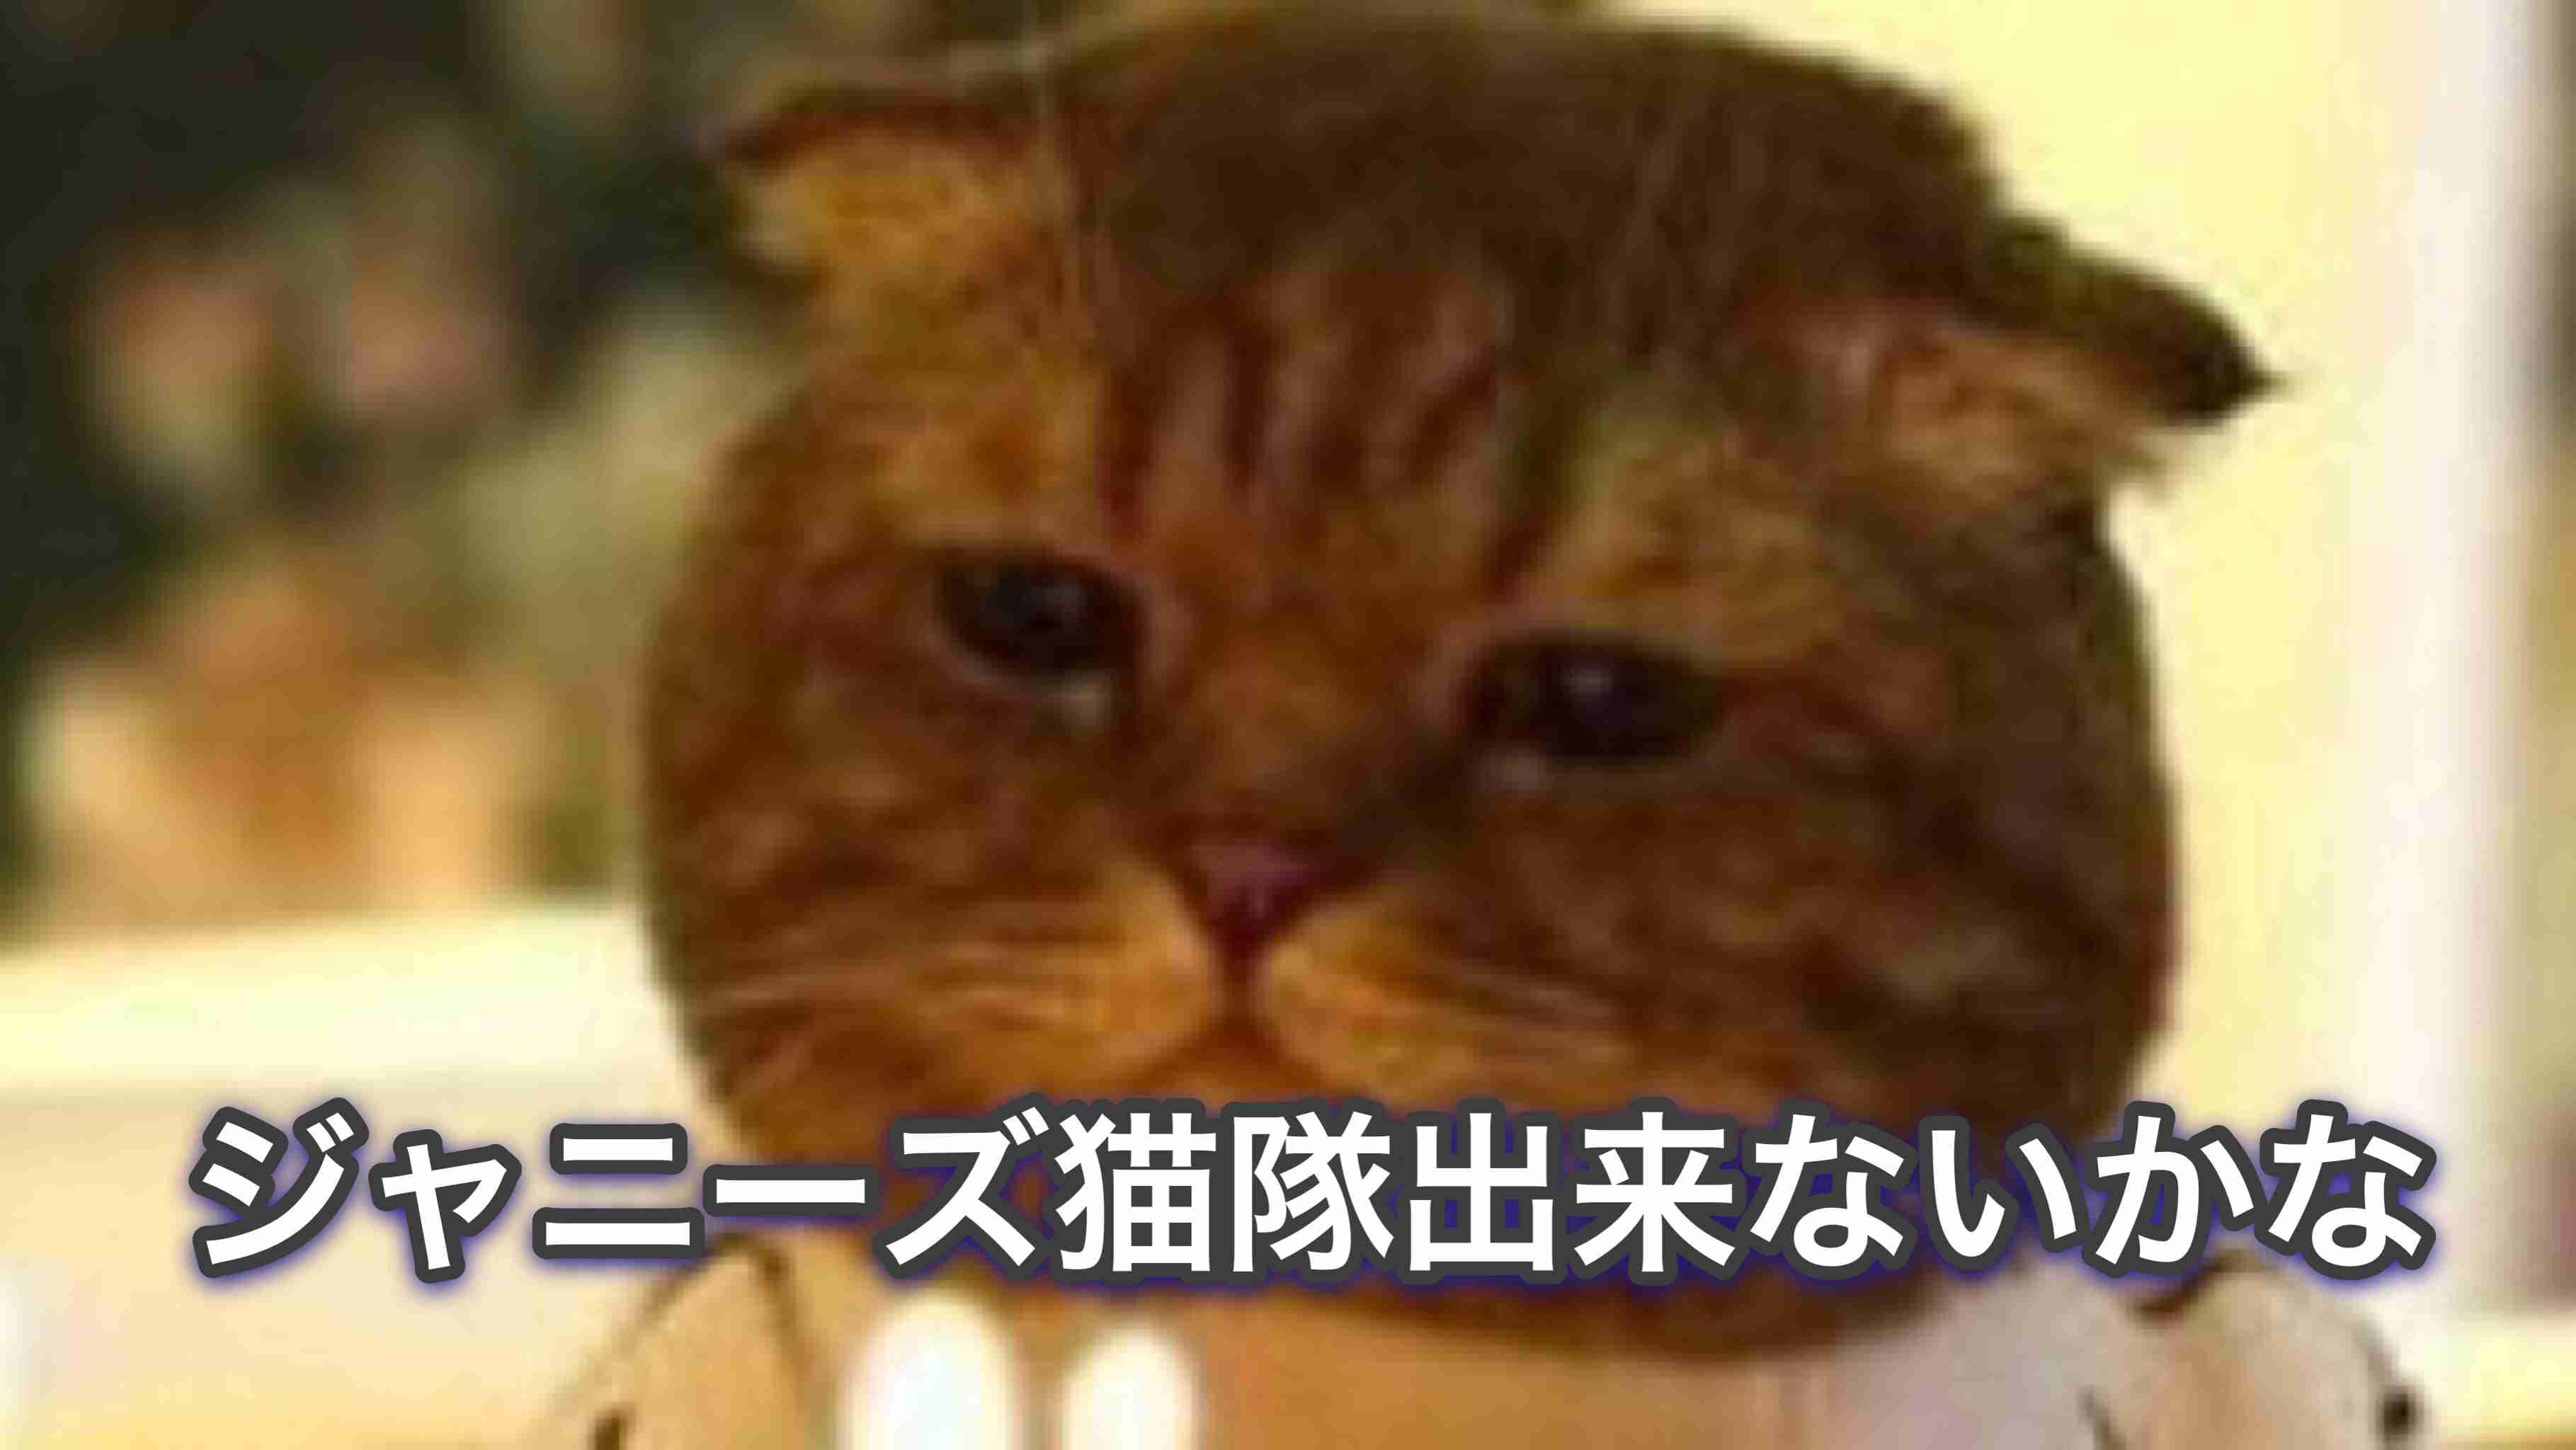 ジャニーズJr.好きな人集合!Part6